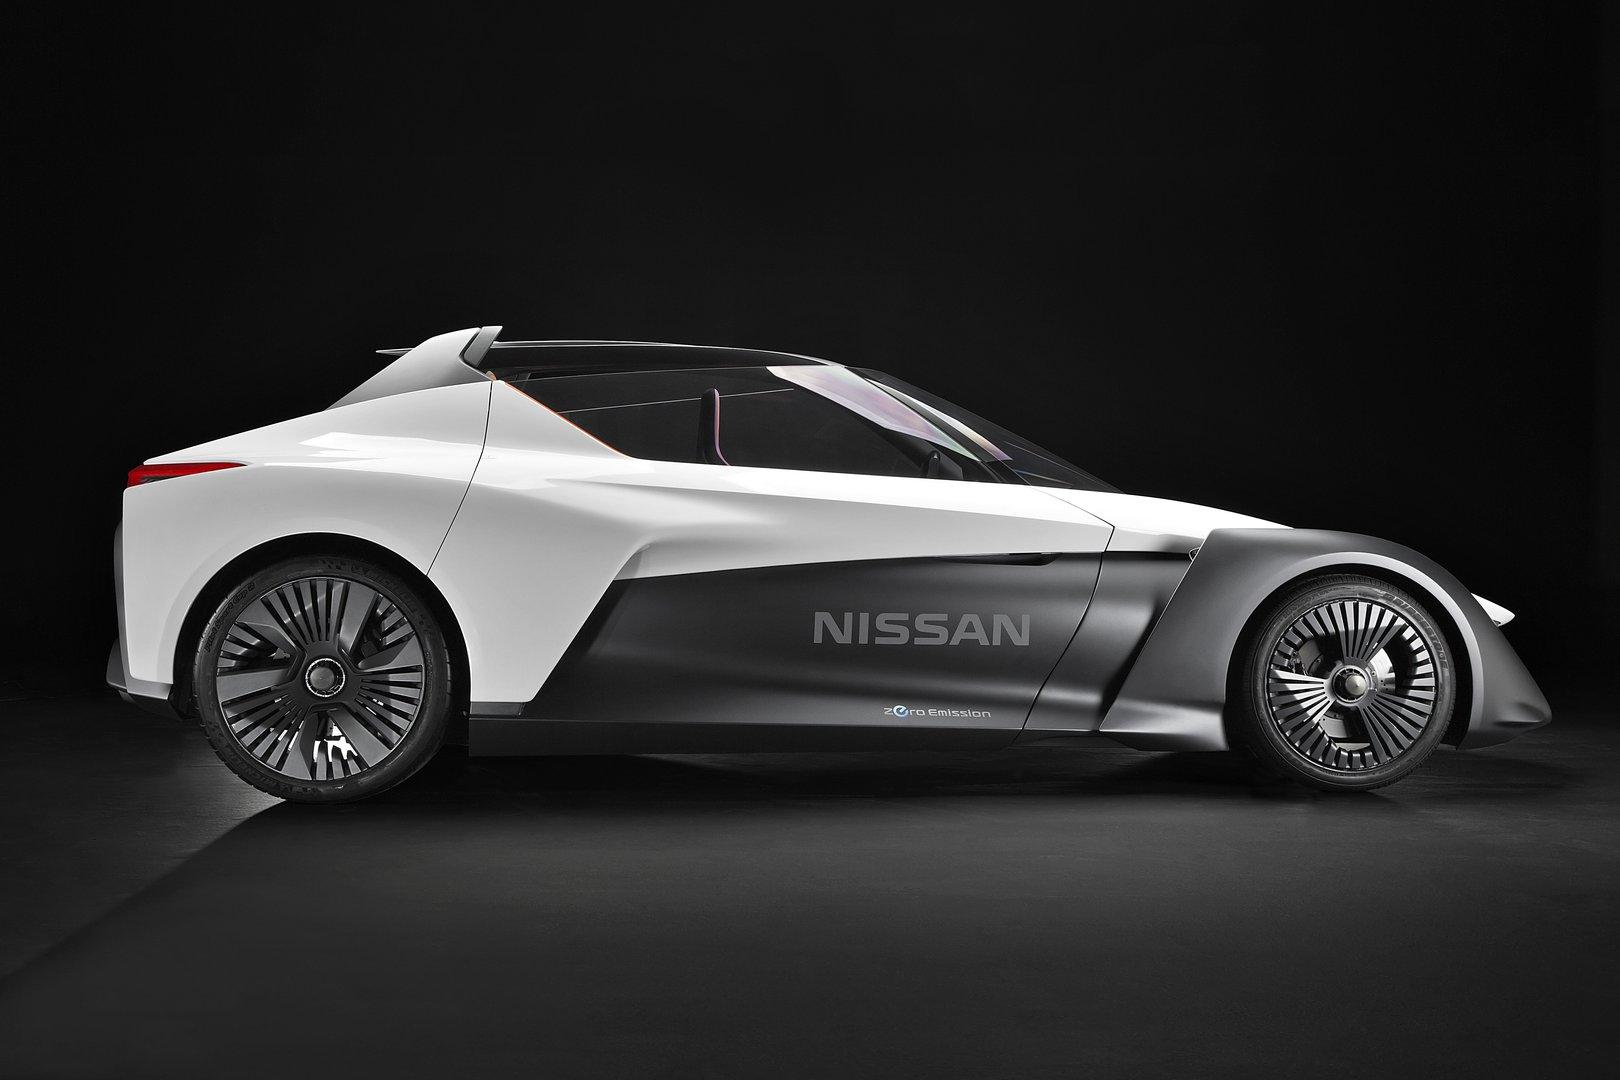 Nissan_bladeglider_01. Nissan_bladeglider_02